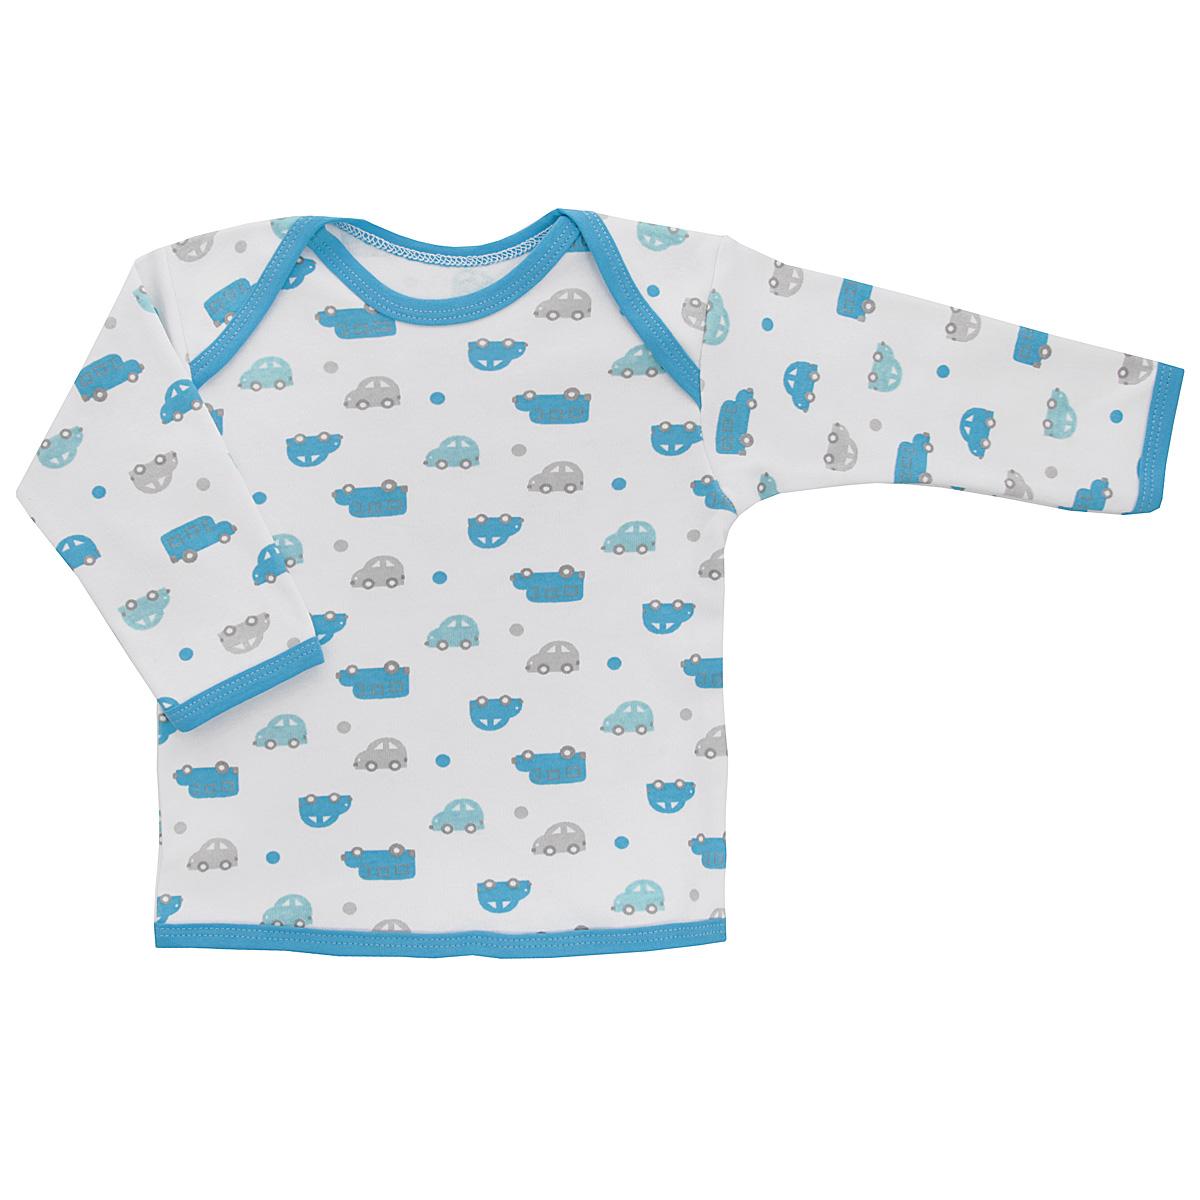 Футболка5611_машинкиУдобная футболка для мальчика Трон-плюс с длинными рукавами послужит идеальным дополнением к гардеробу вашего ребенка, обеспечивая ему наибольший комфорт. Изготовленная из интерлока - натурального хлопка, она необычайно мягкая и легкая, не раздражает нежную кожу ребенка и хорошо вентилируется, а эластичные швы приятны телу ребенка и не препятствуют его движениям. Удобные запахи на плечах помогают легко переодеть младенца. Горловина, низ модели и низ рукавов дополнены трикотажной бейкой. Спинка модели незначительно укорочена. Оформлено изделие принтом с изображениями машинок. Футболка полностью соответствует особенностям жизни ребенка в ранний период, не стесняя и не ограничивая его в движениях.